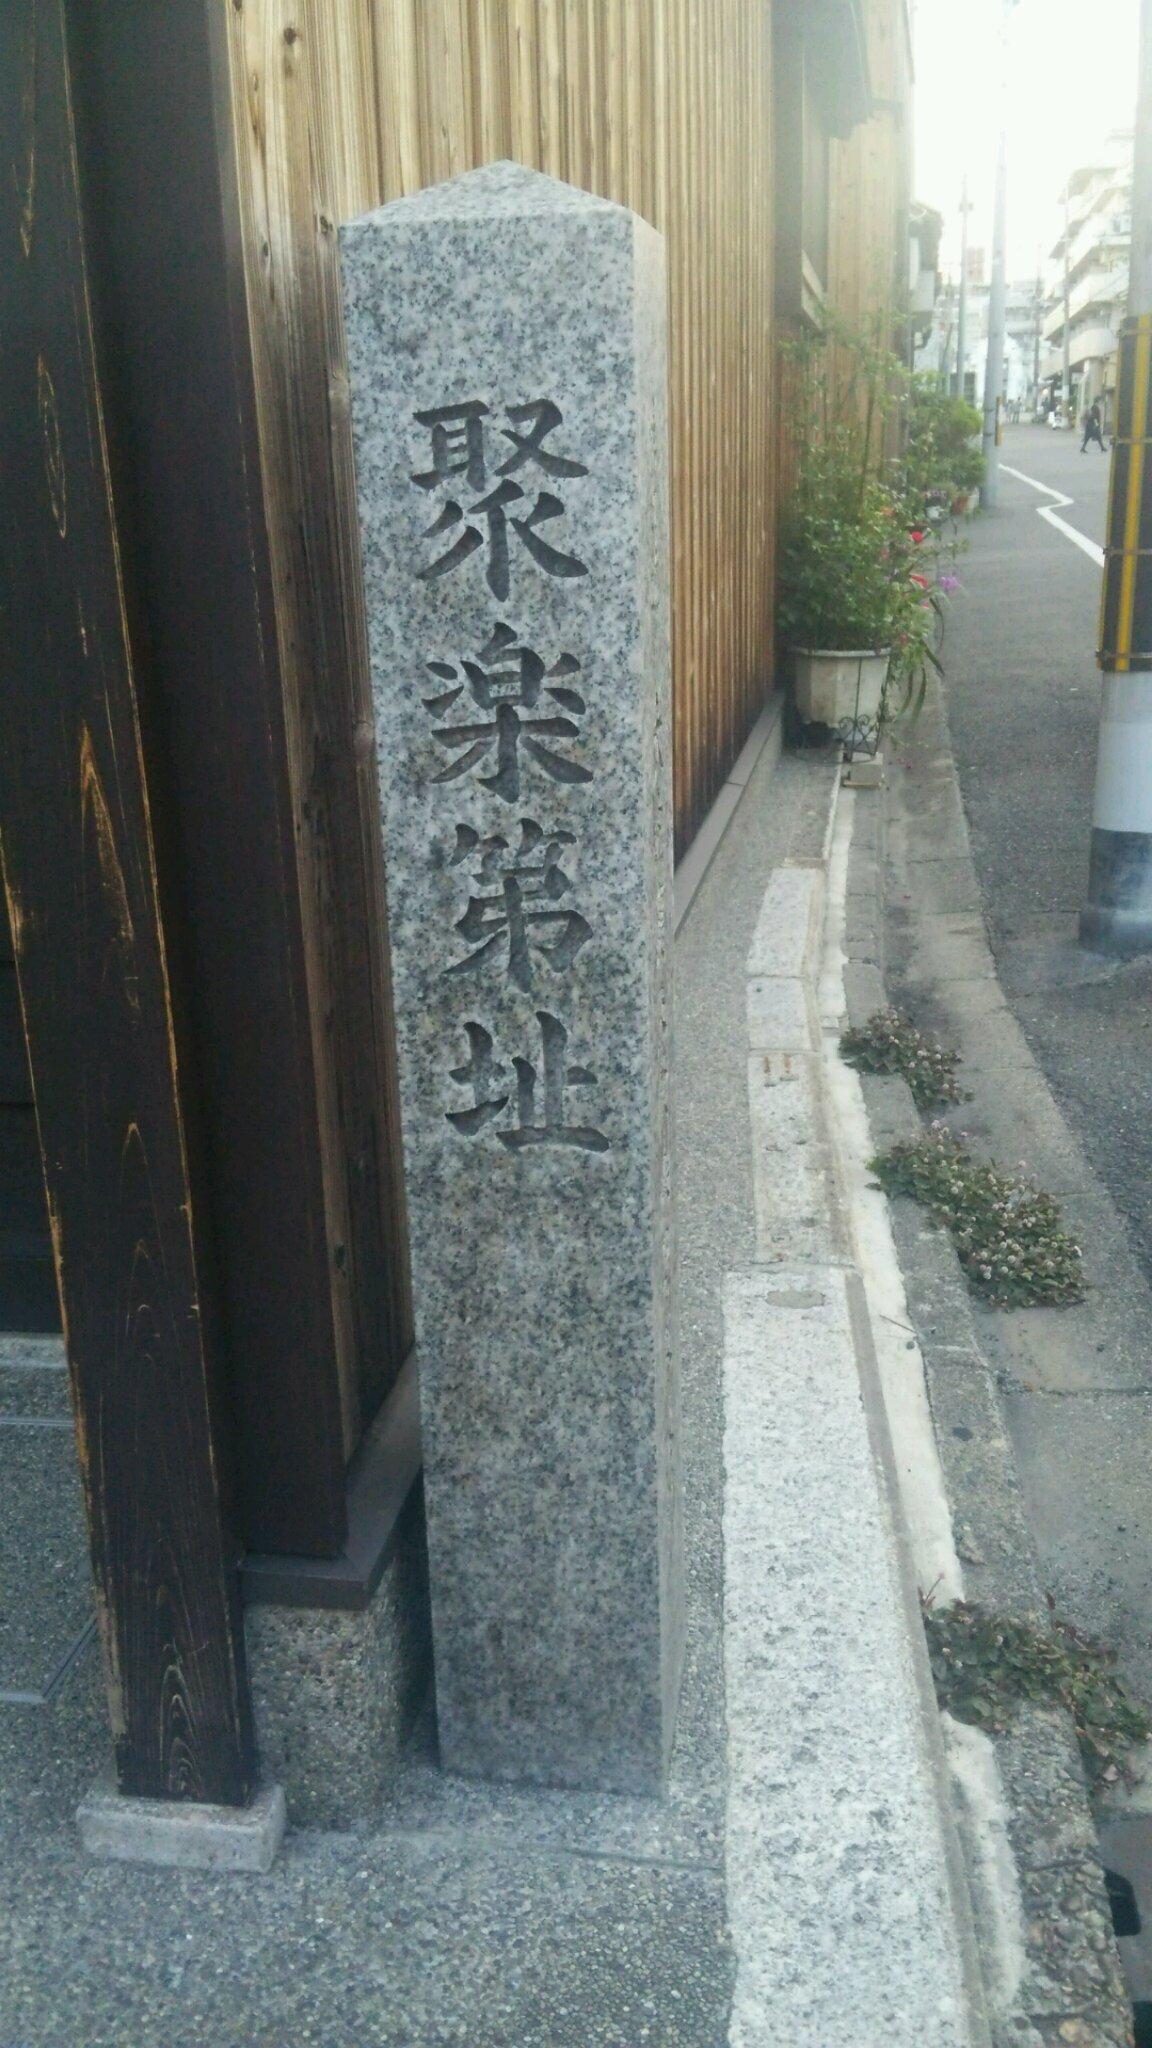 京都 清凉寺と浮田町を訪れました_d0179392_1254718.jpg